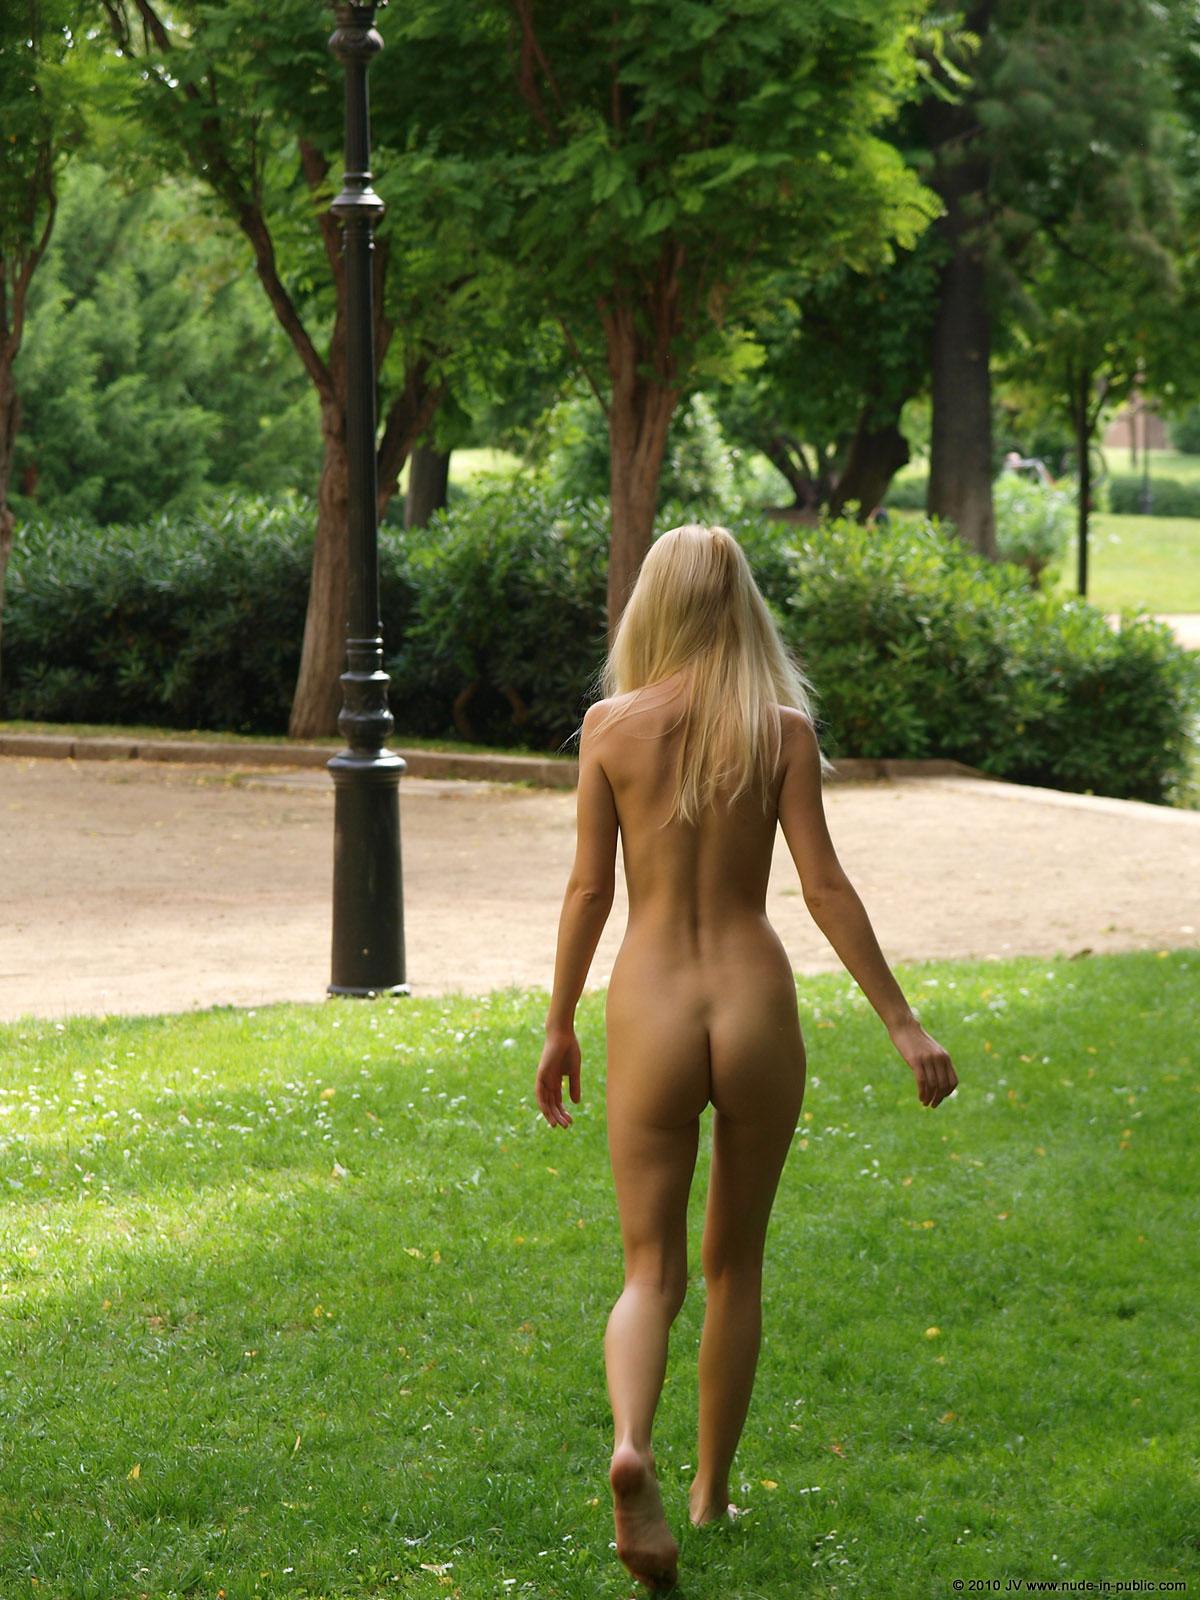 judita-blonde-naked-in-park-barcelona-public-16